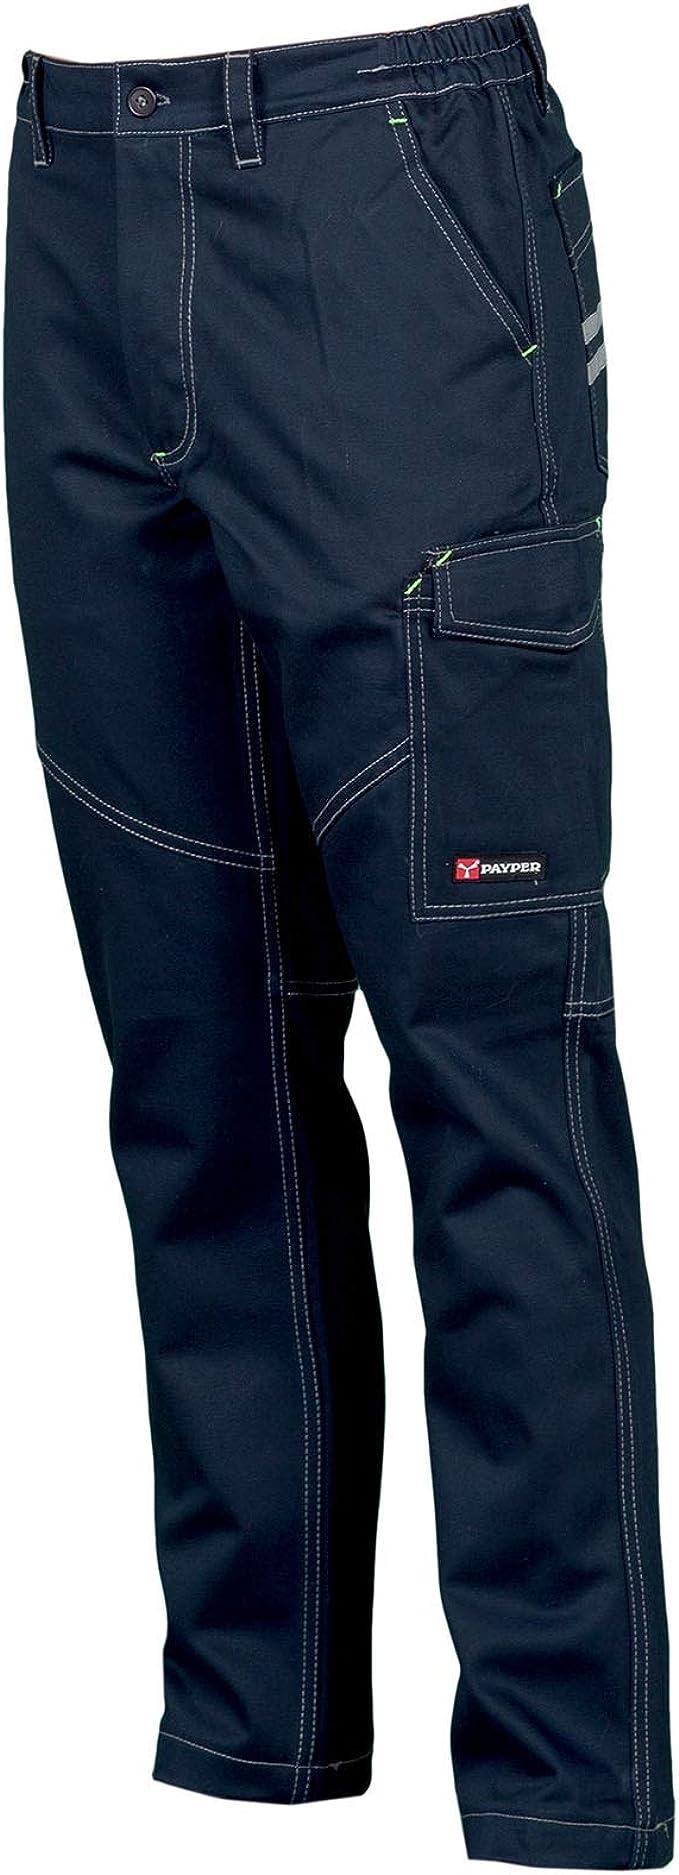 CHEMAGLIETTE Pantaloni da Lavoro Uomo 100/% Cotone Invernale Multi Tasche Payper Worker Winter